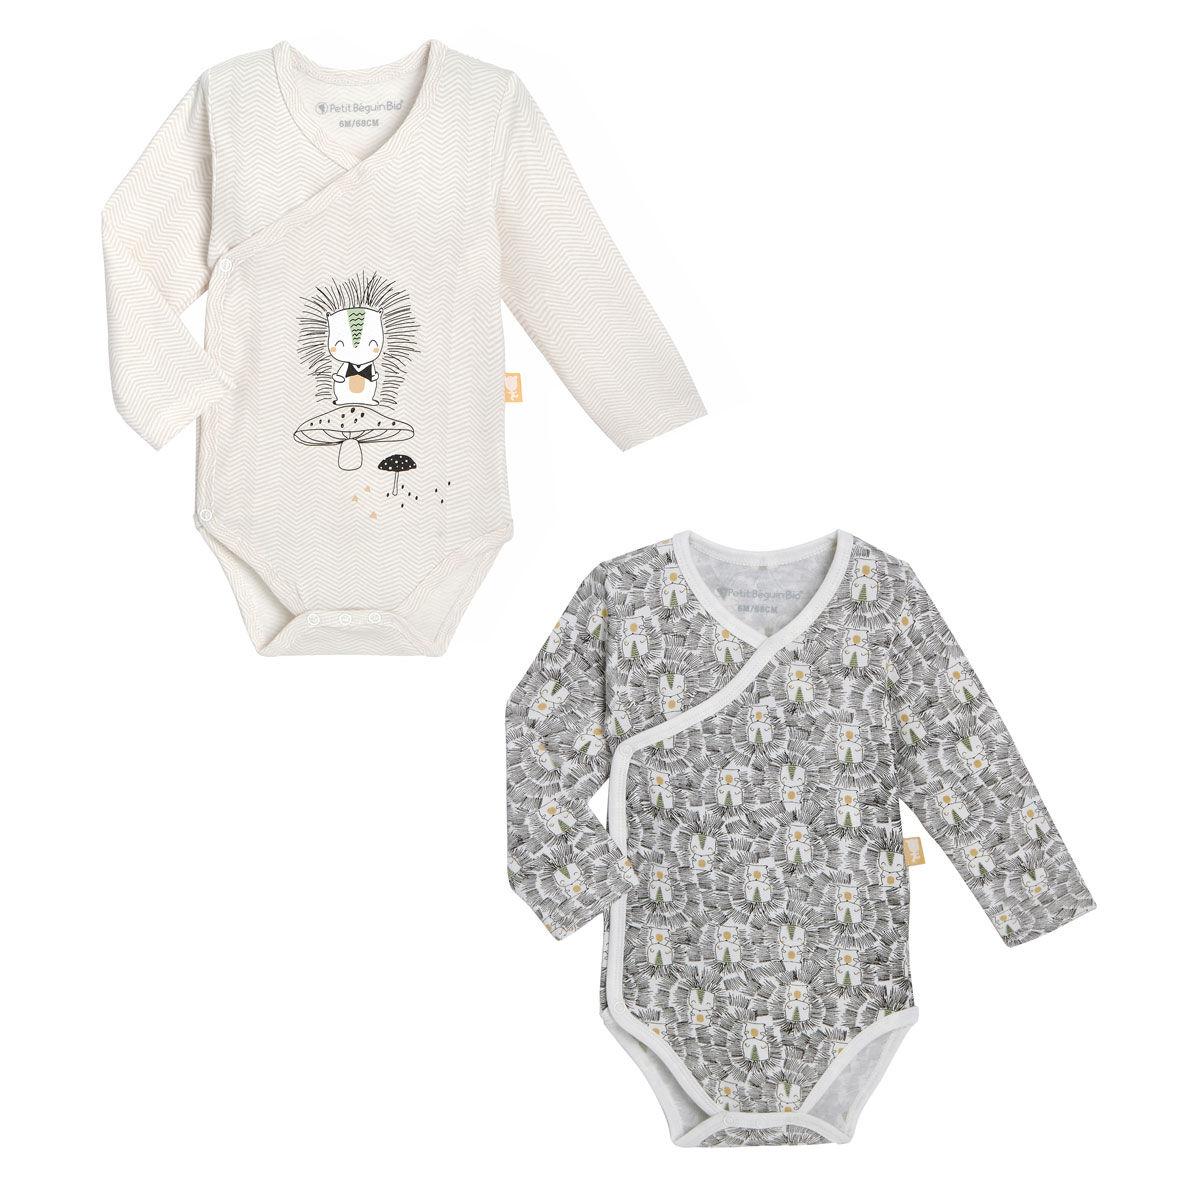 Petit Béguin Lot de 2 bodies bébé mixte croisés manches longues contenant du coton bio Shuiro - Taille - 1 mois